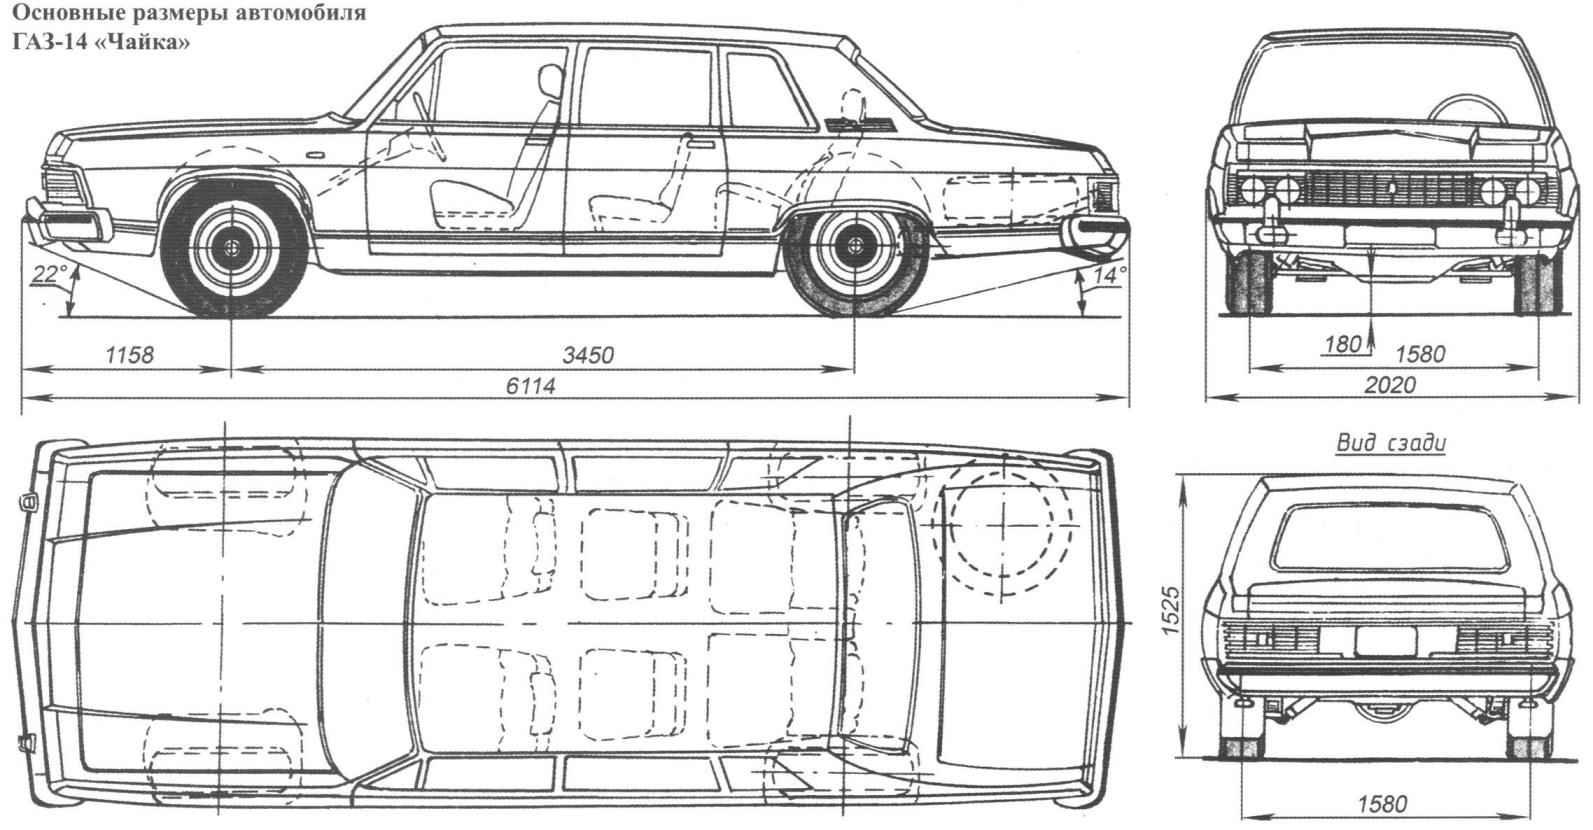 Основные размеры автомобиля ГАЗ-14 «Чайка»